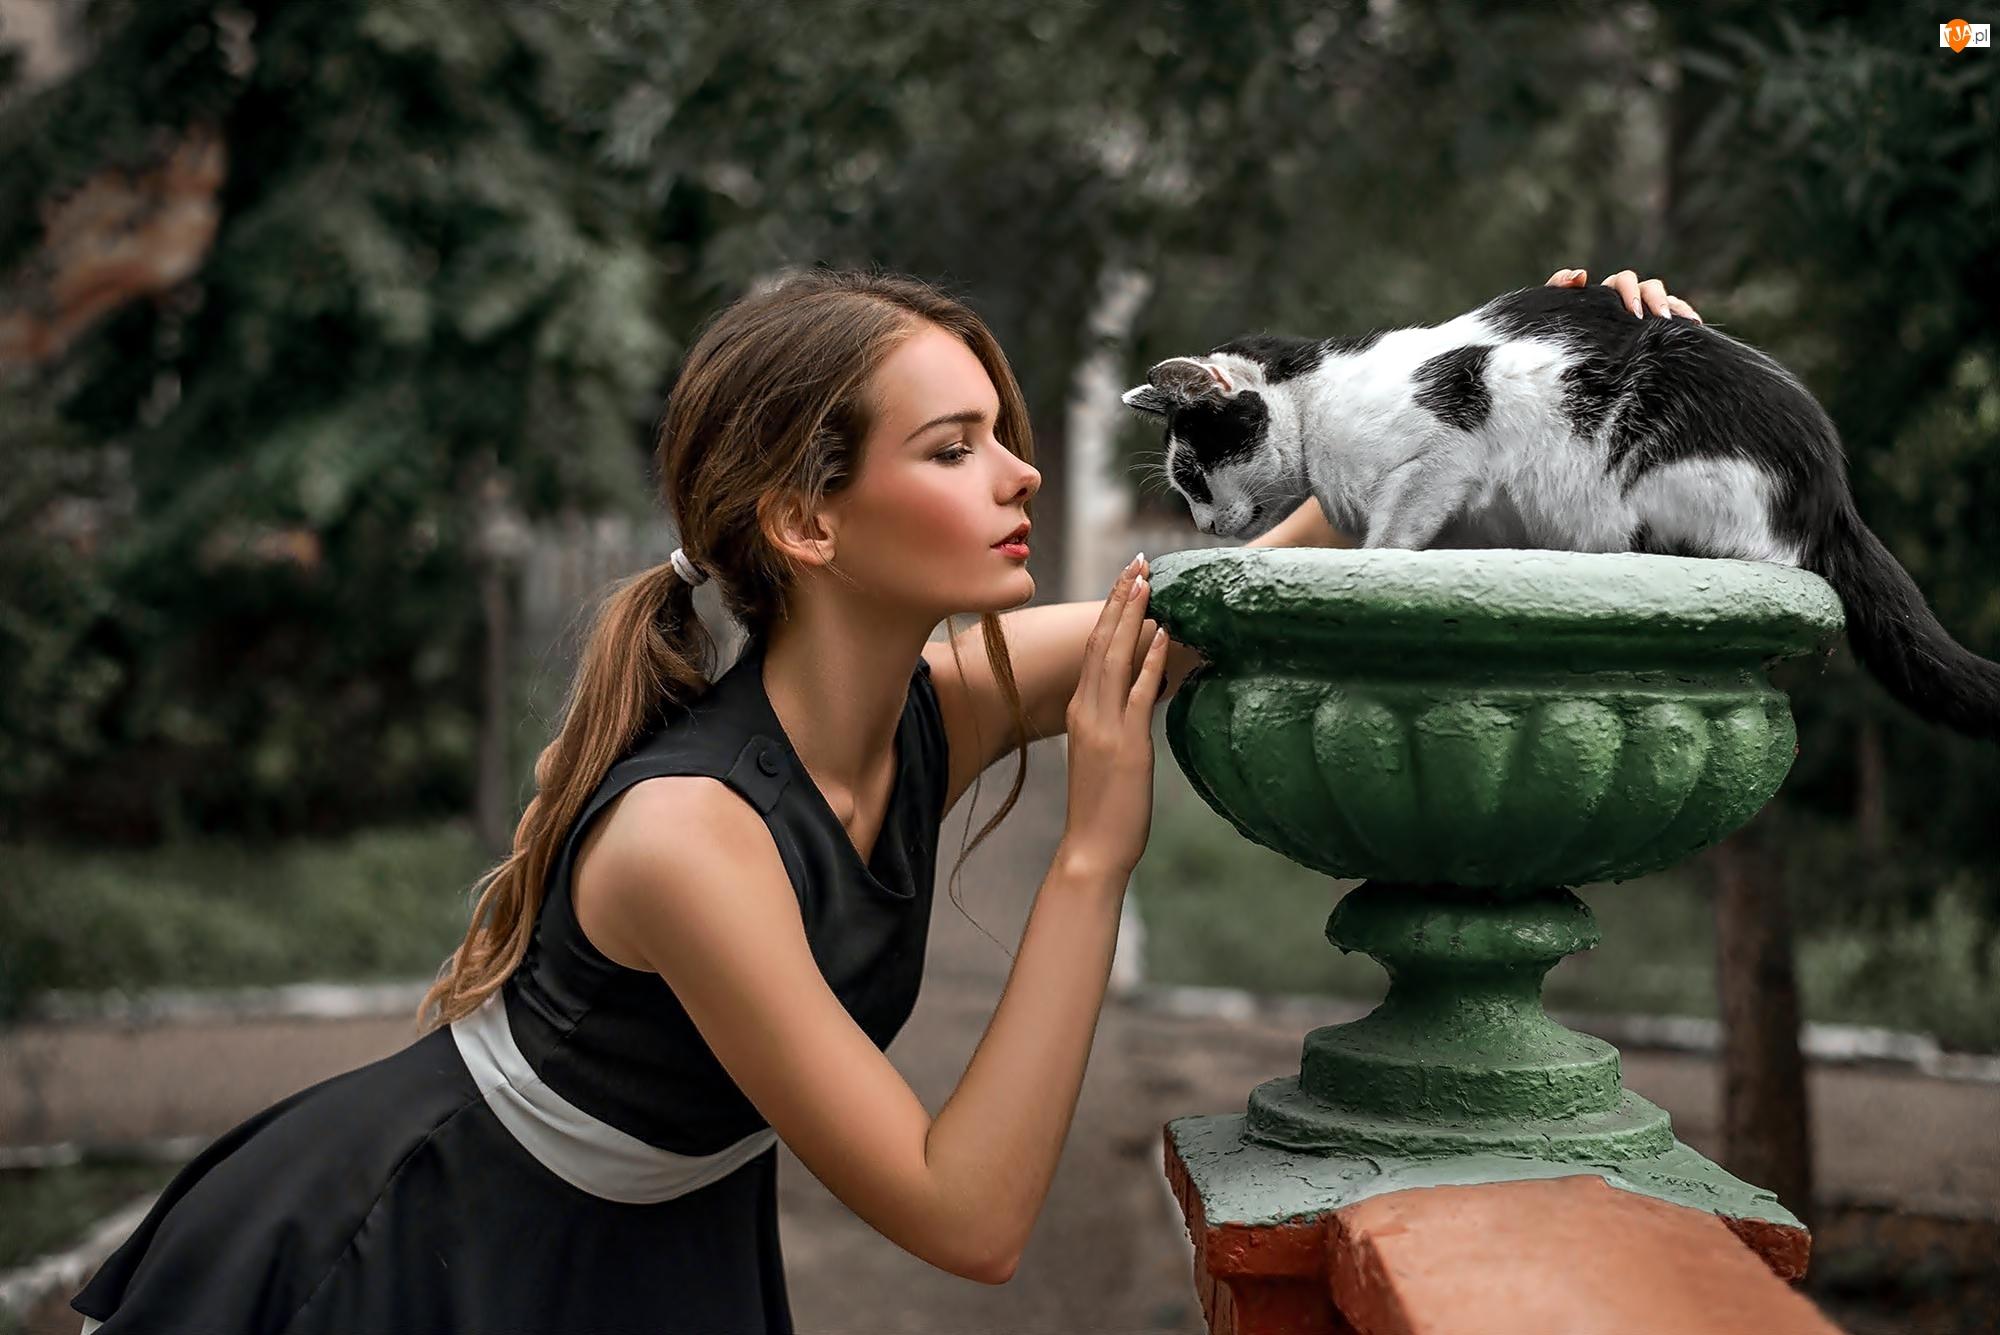 Park, Kobieta, Kot